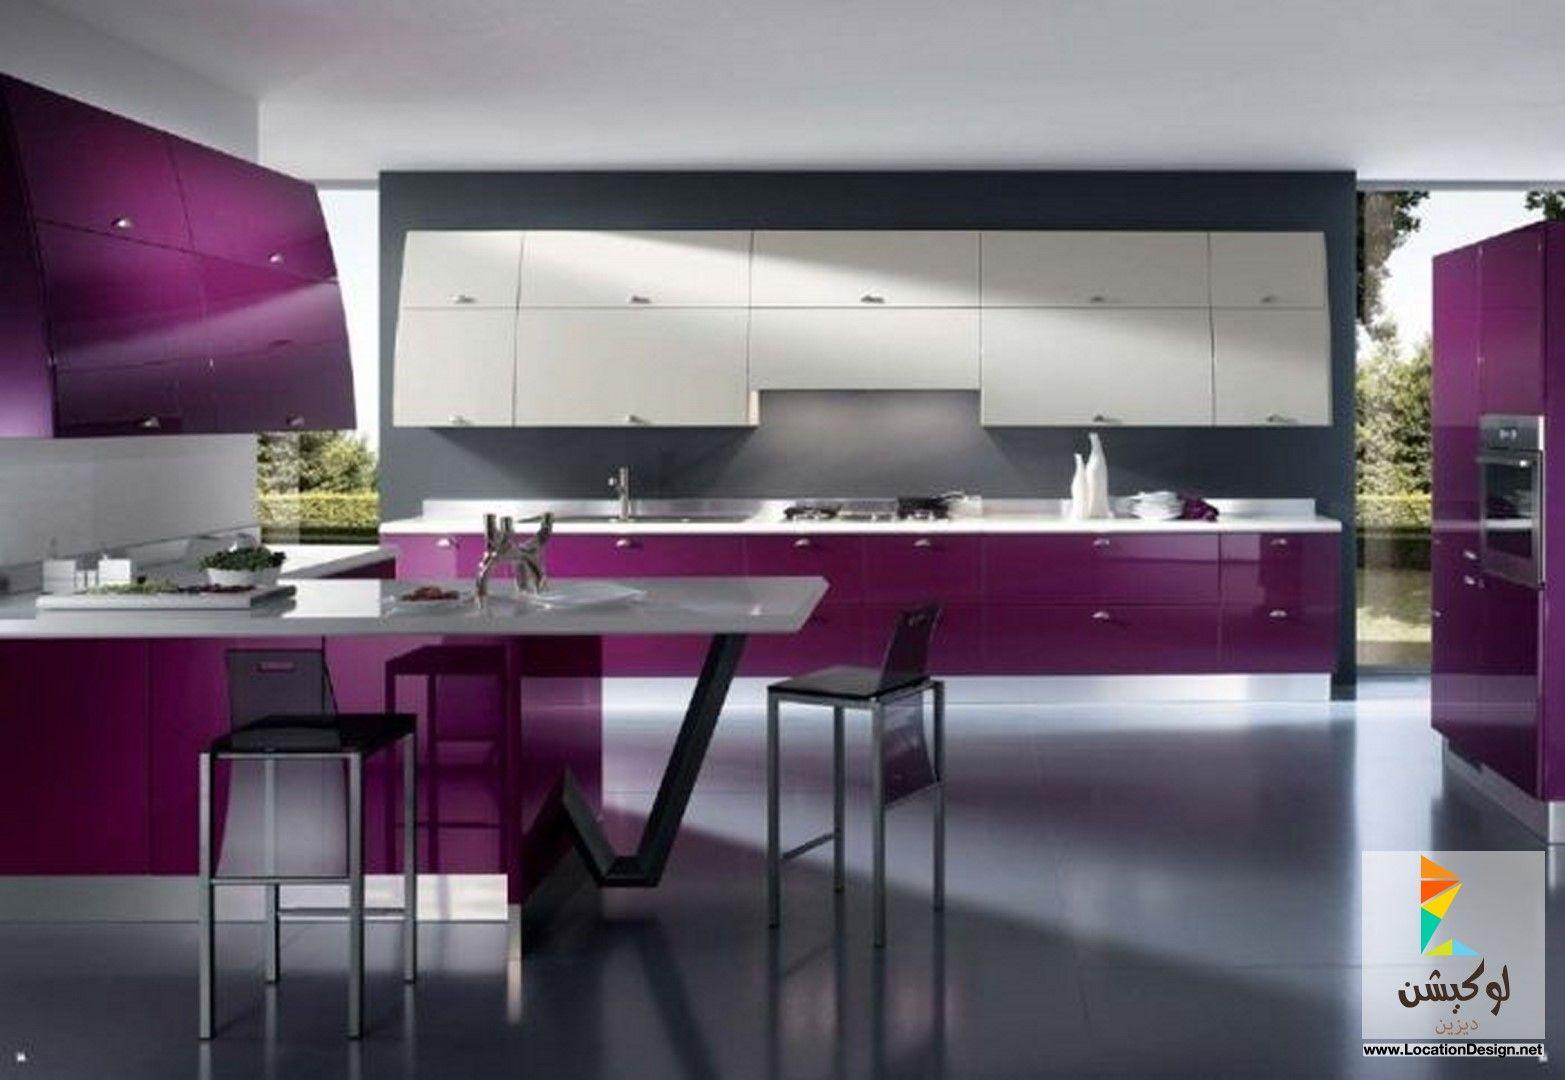 Ideen für die küche in farbe مطابخ خشمونيوم مودرن   ديكورات مطابخ  pinterest  küchen